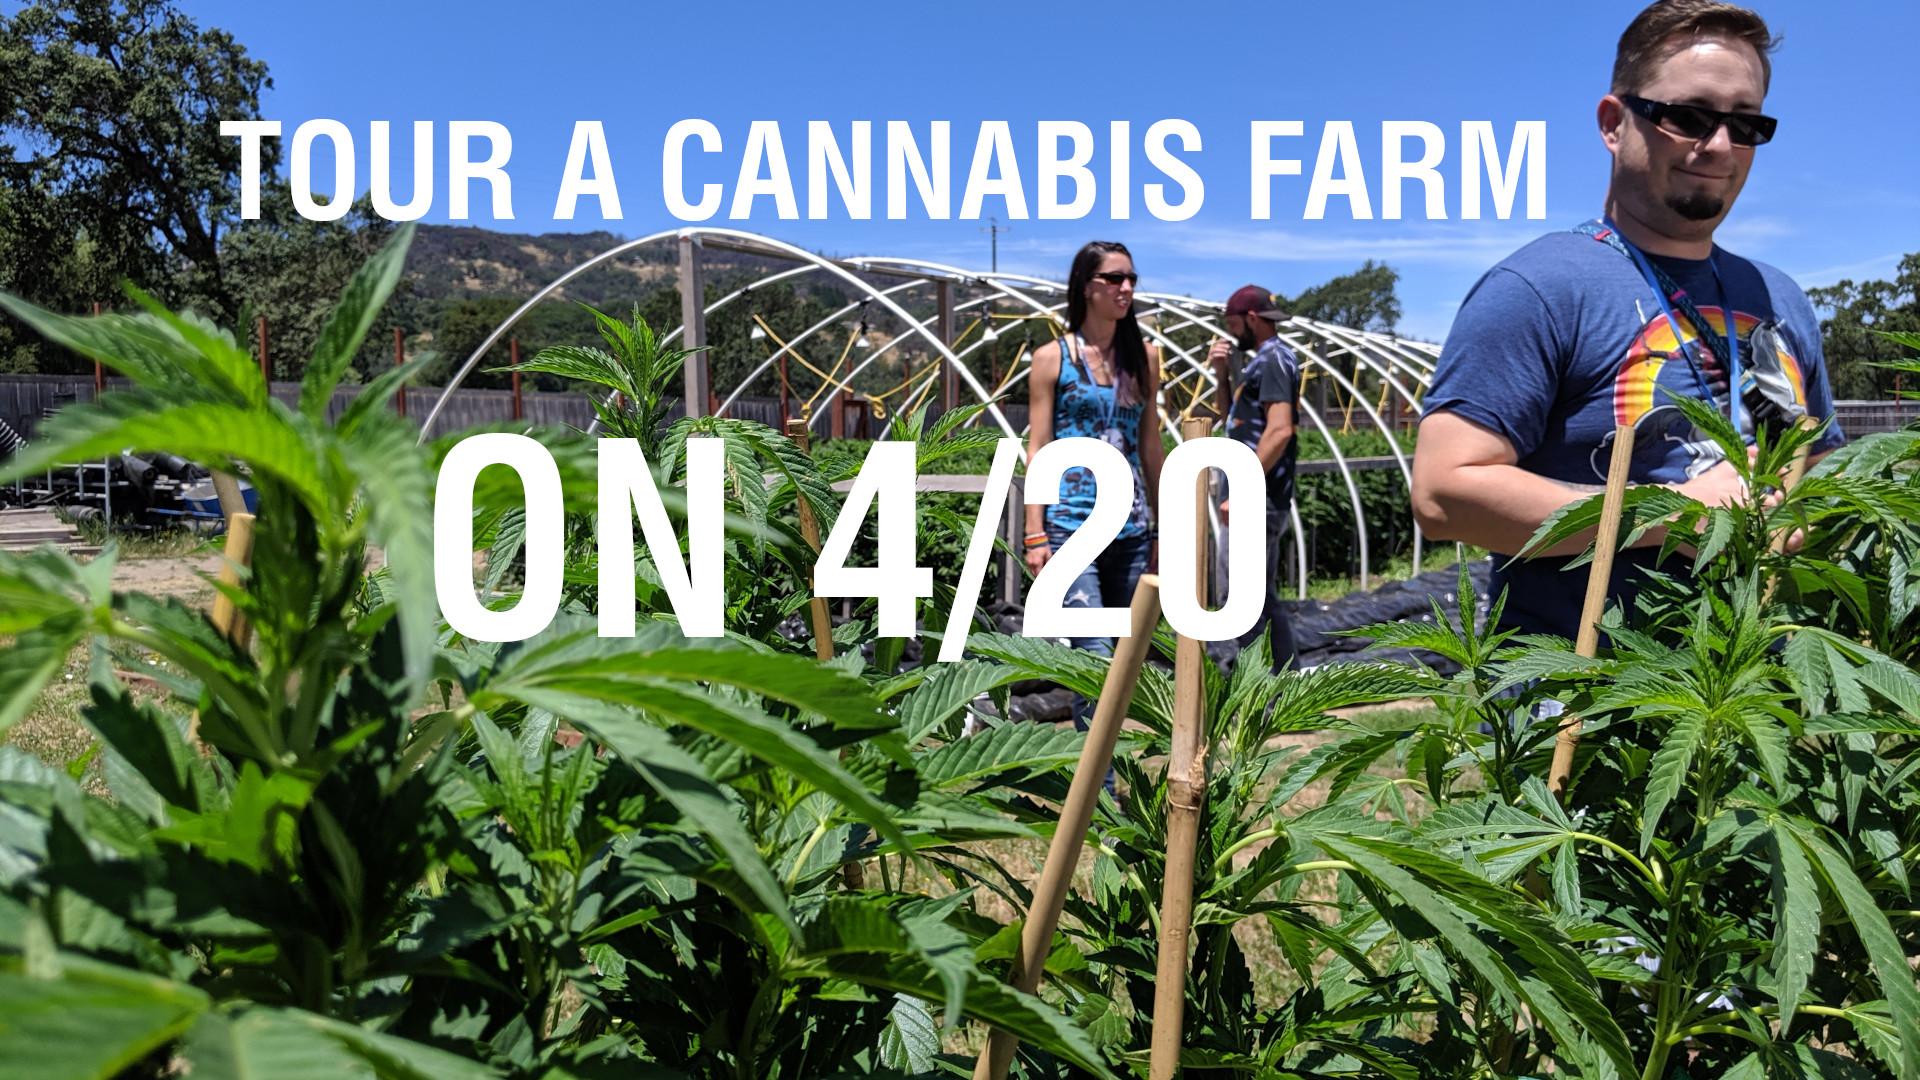 Book a Cannabis Farm Tour on 4/20